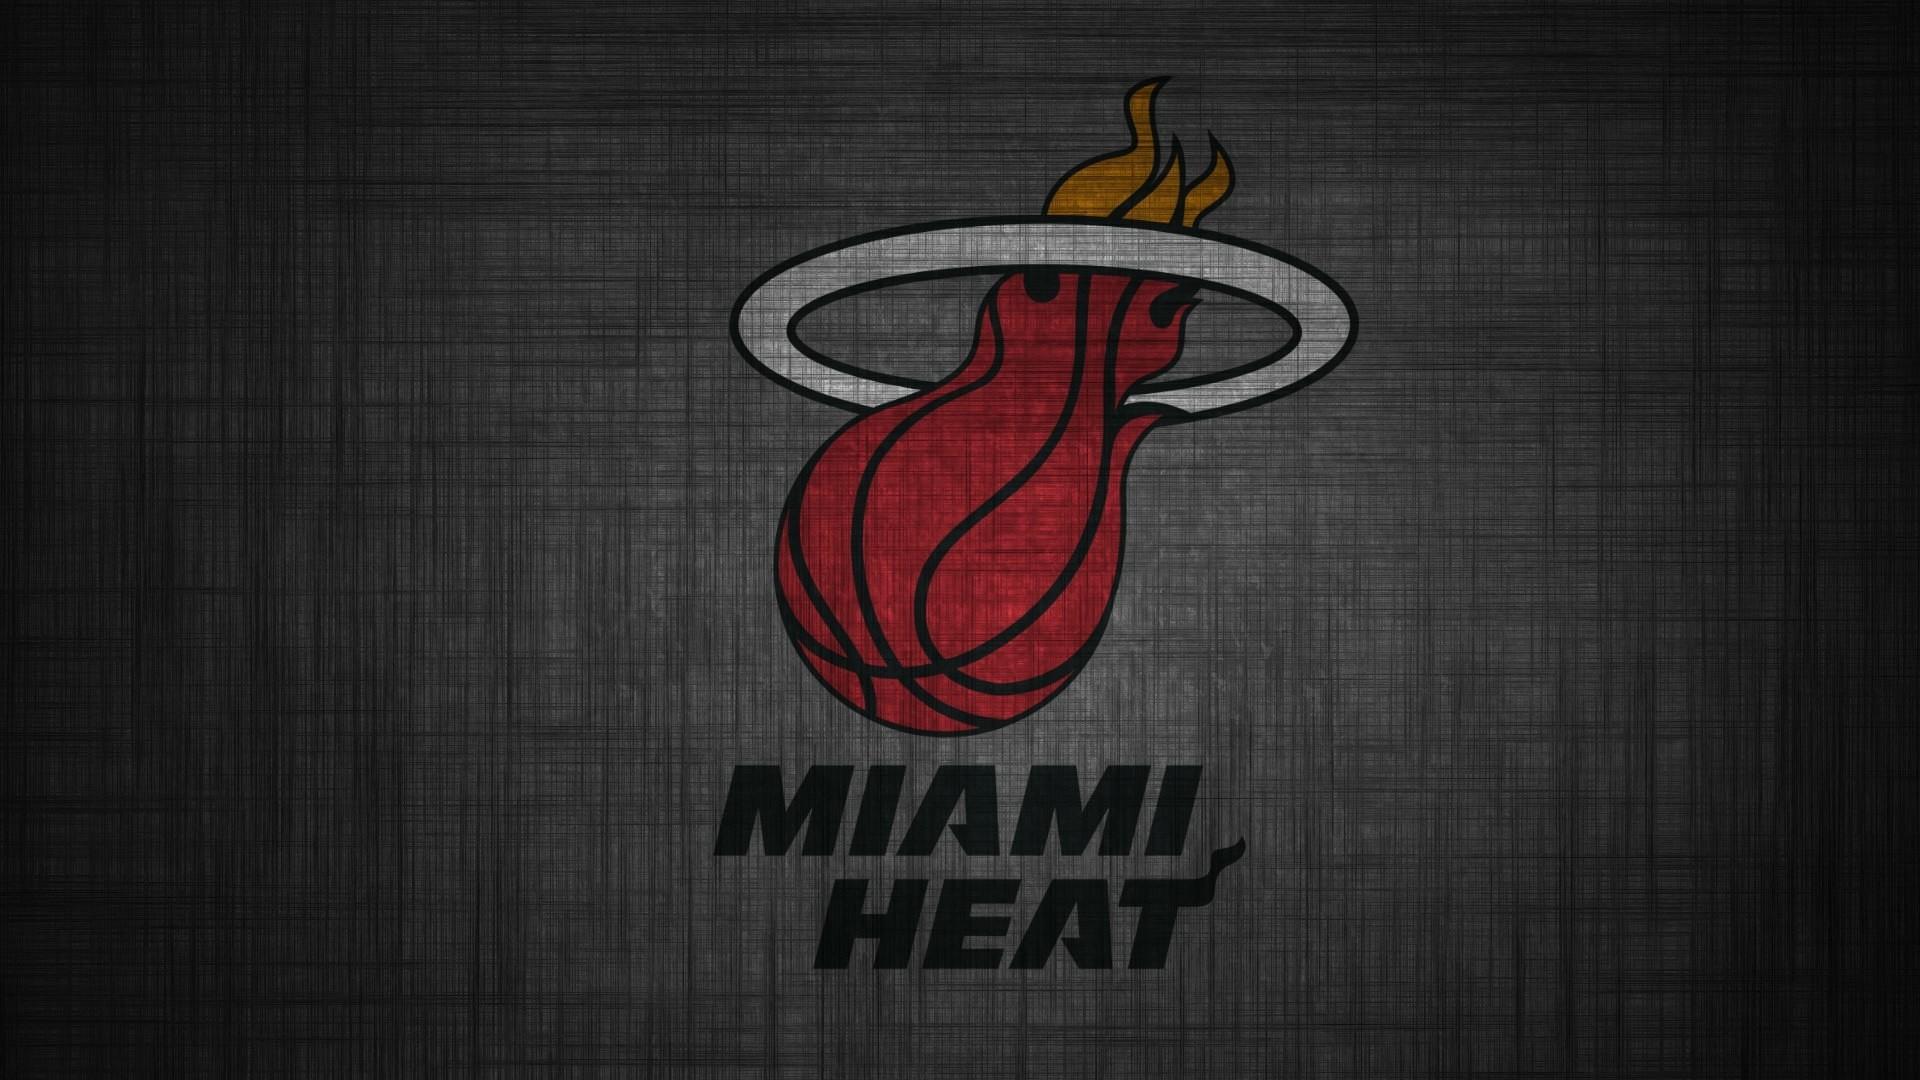 1920x1080 1920x1080 Miami Heat iPhone Wallpaper HD - WallpaperSafari